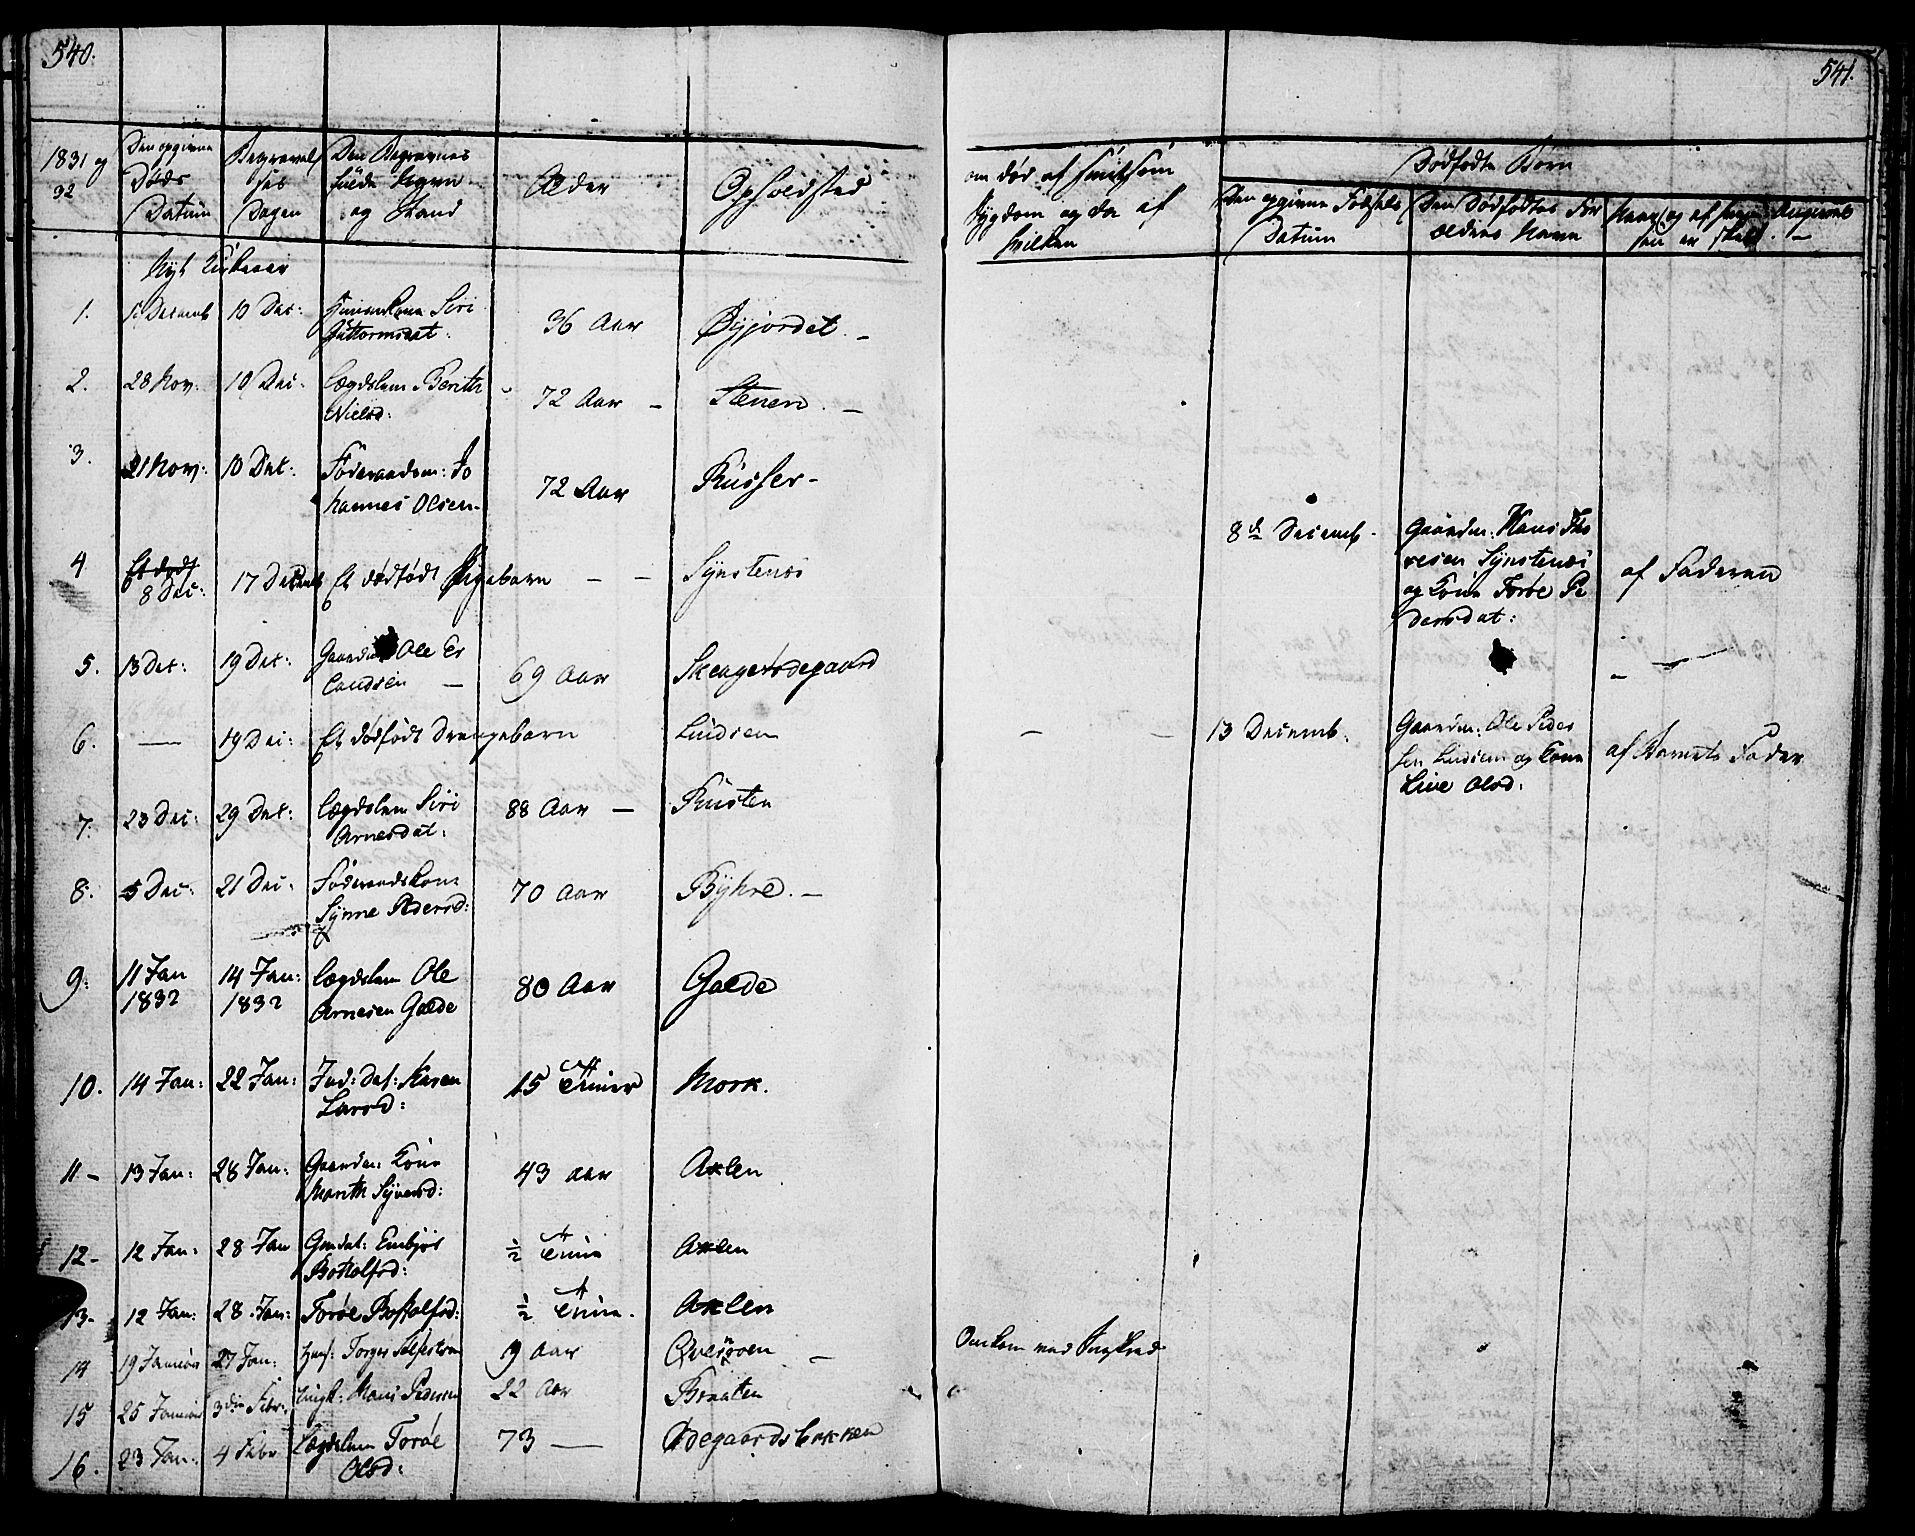 SAH, Lom prestekontor, K/L0005: Ministerialbok nr. 5, 1825-1837, s. 540-541